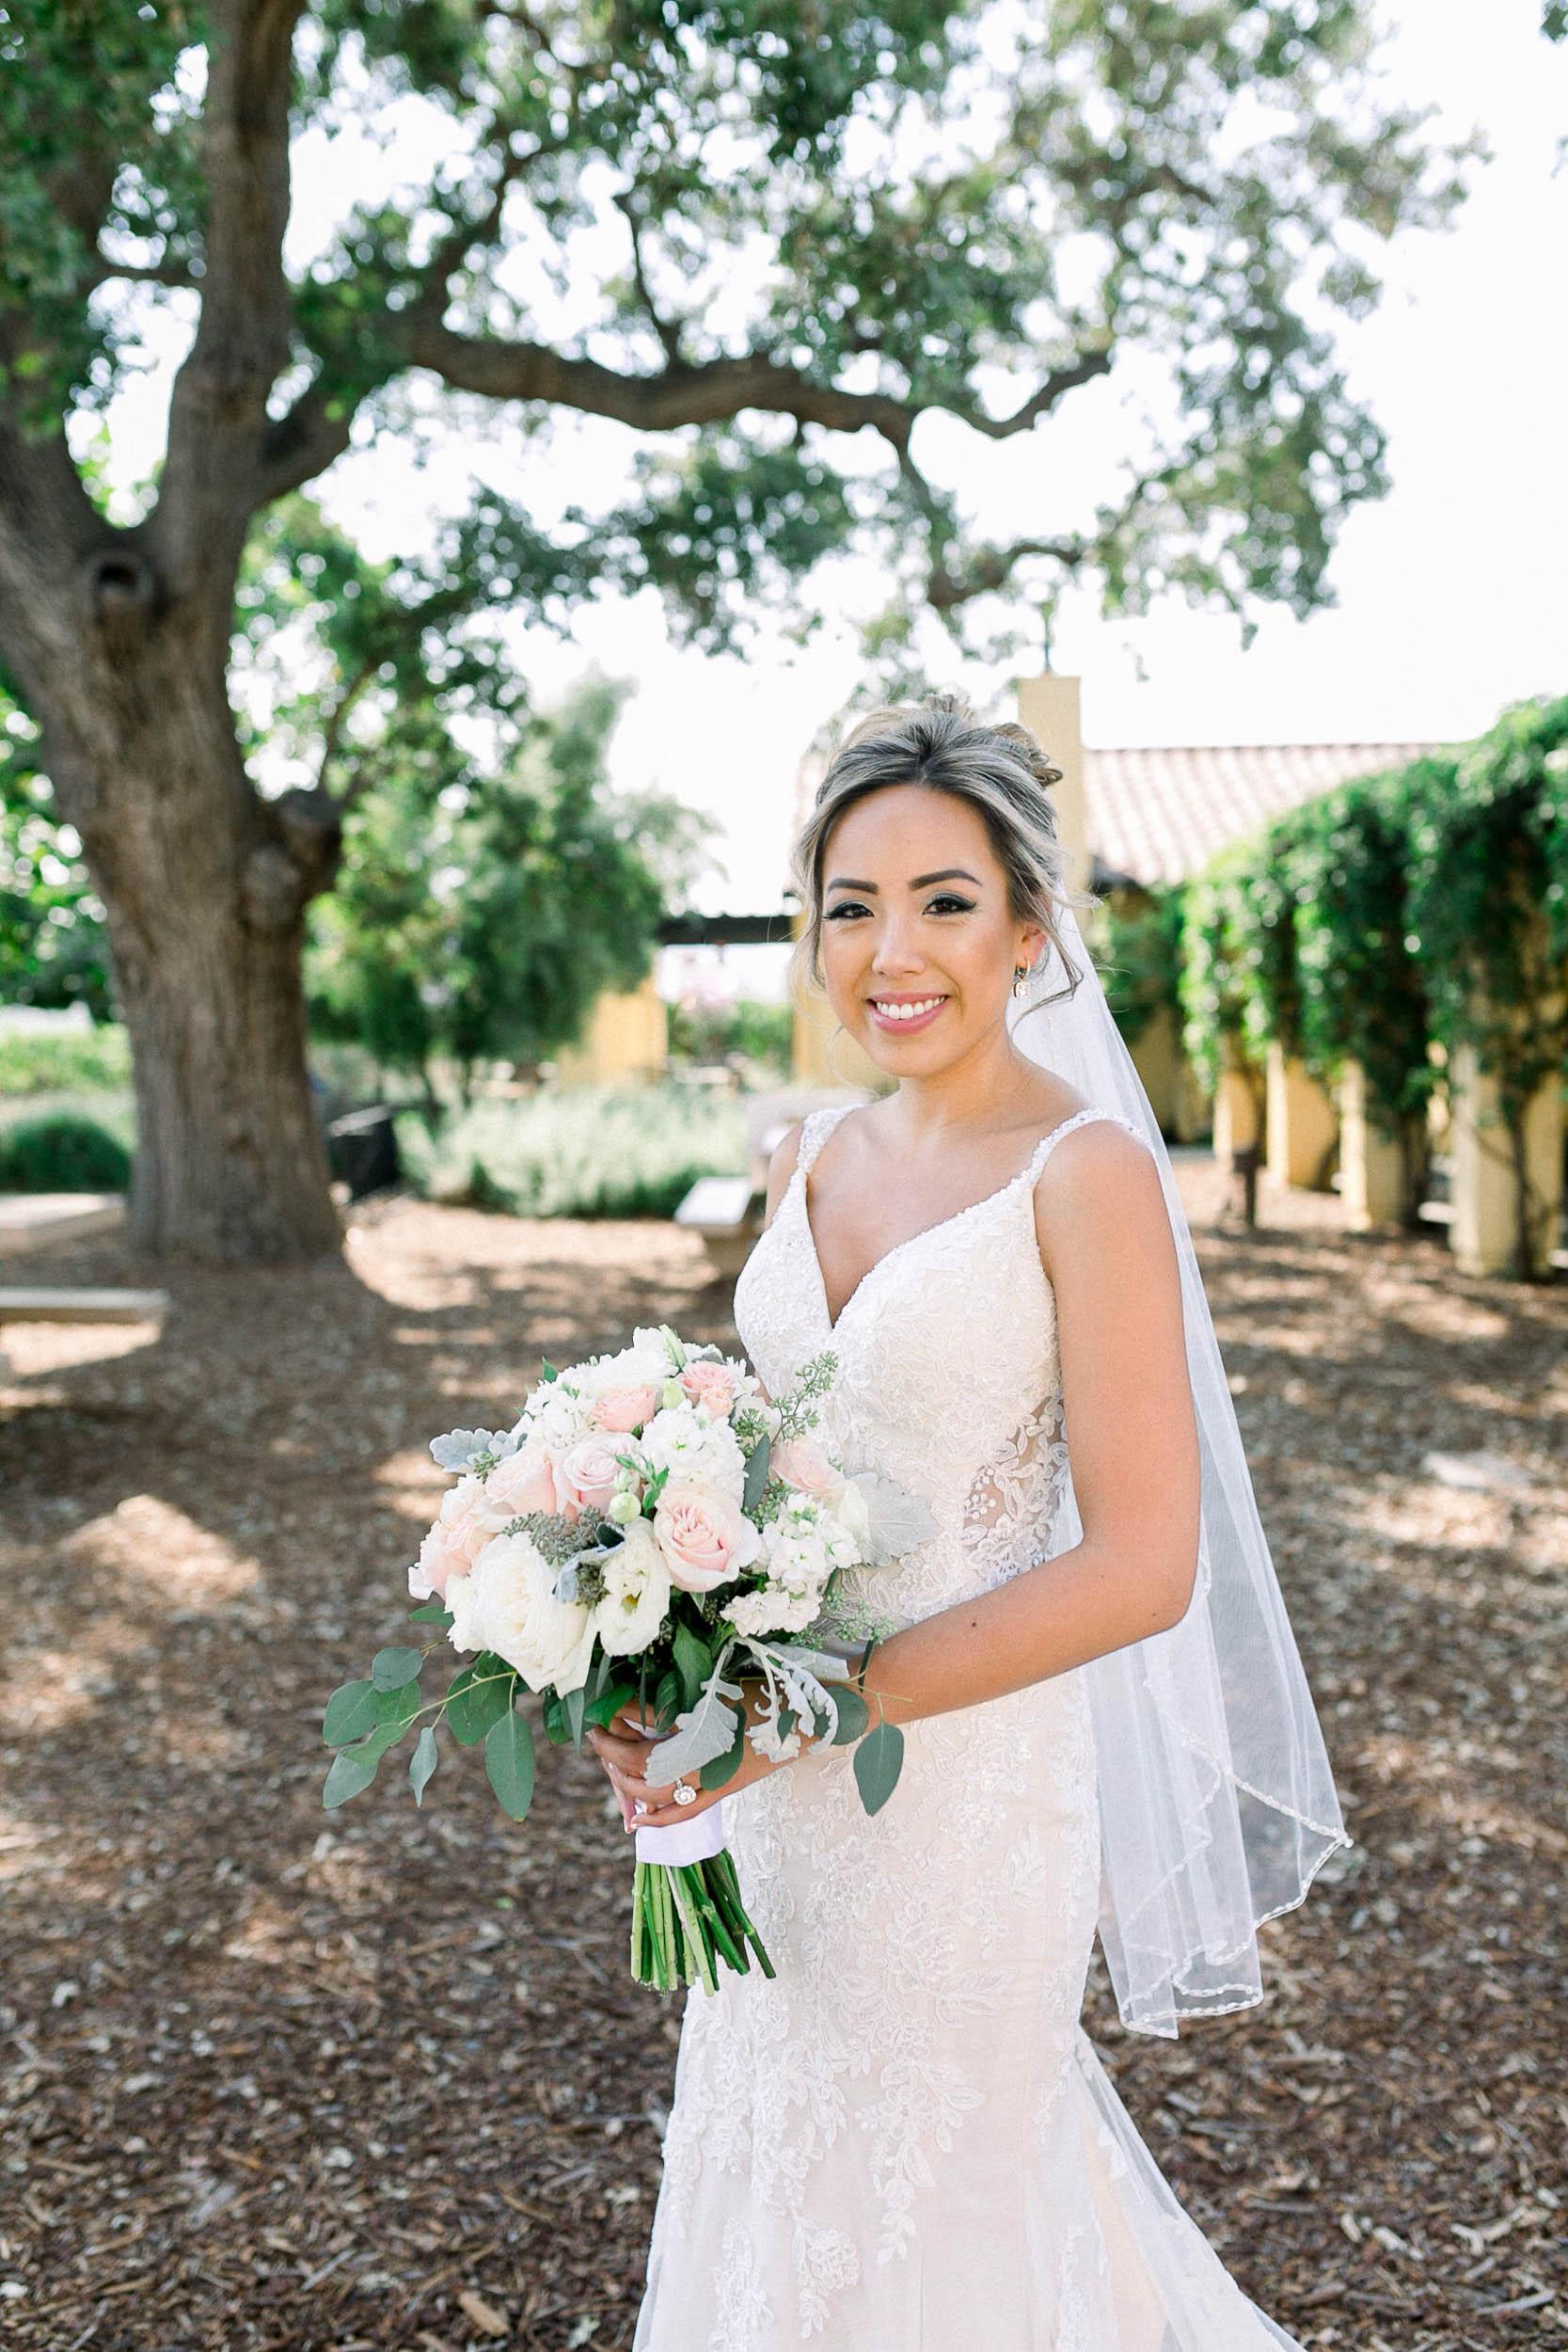 Las Positas Wedding_Buena Lane Photography_090118CY126.jpg